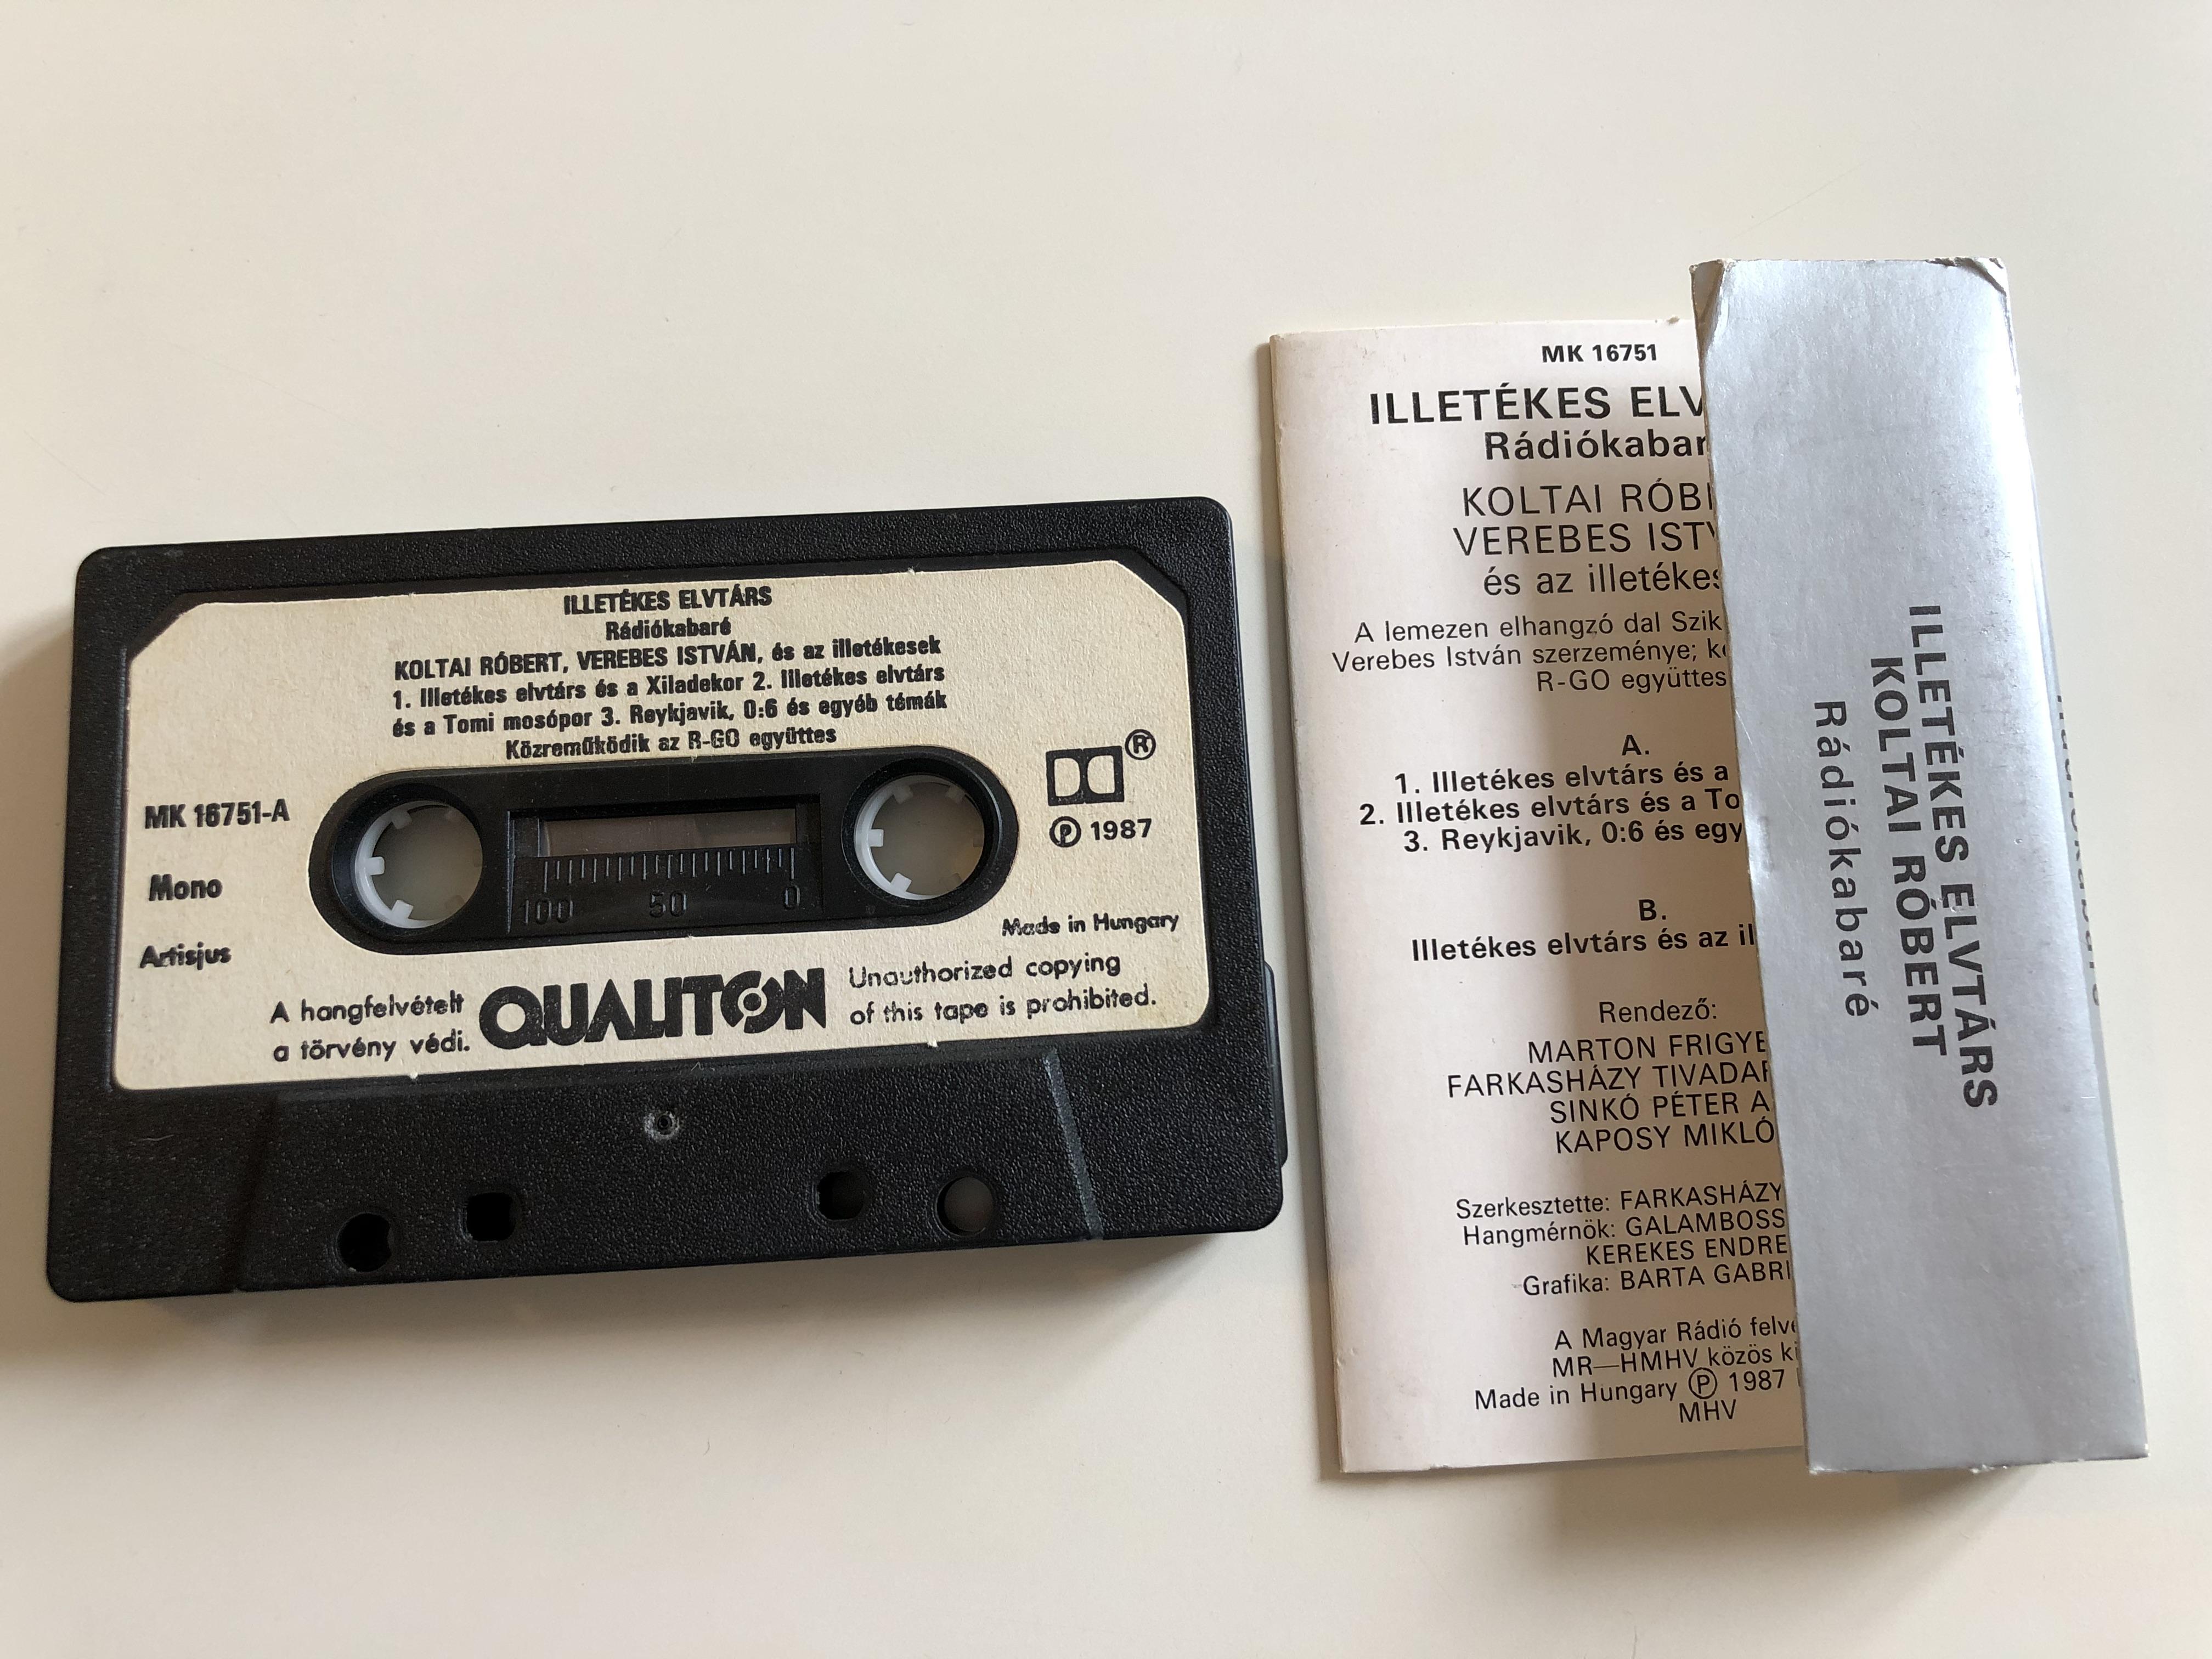 illet-kes-elvt-rs-150-forint-koltai-r-bert-radiokabare-qualiton-cassette-mono-mk-16751-2-.jpg